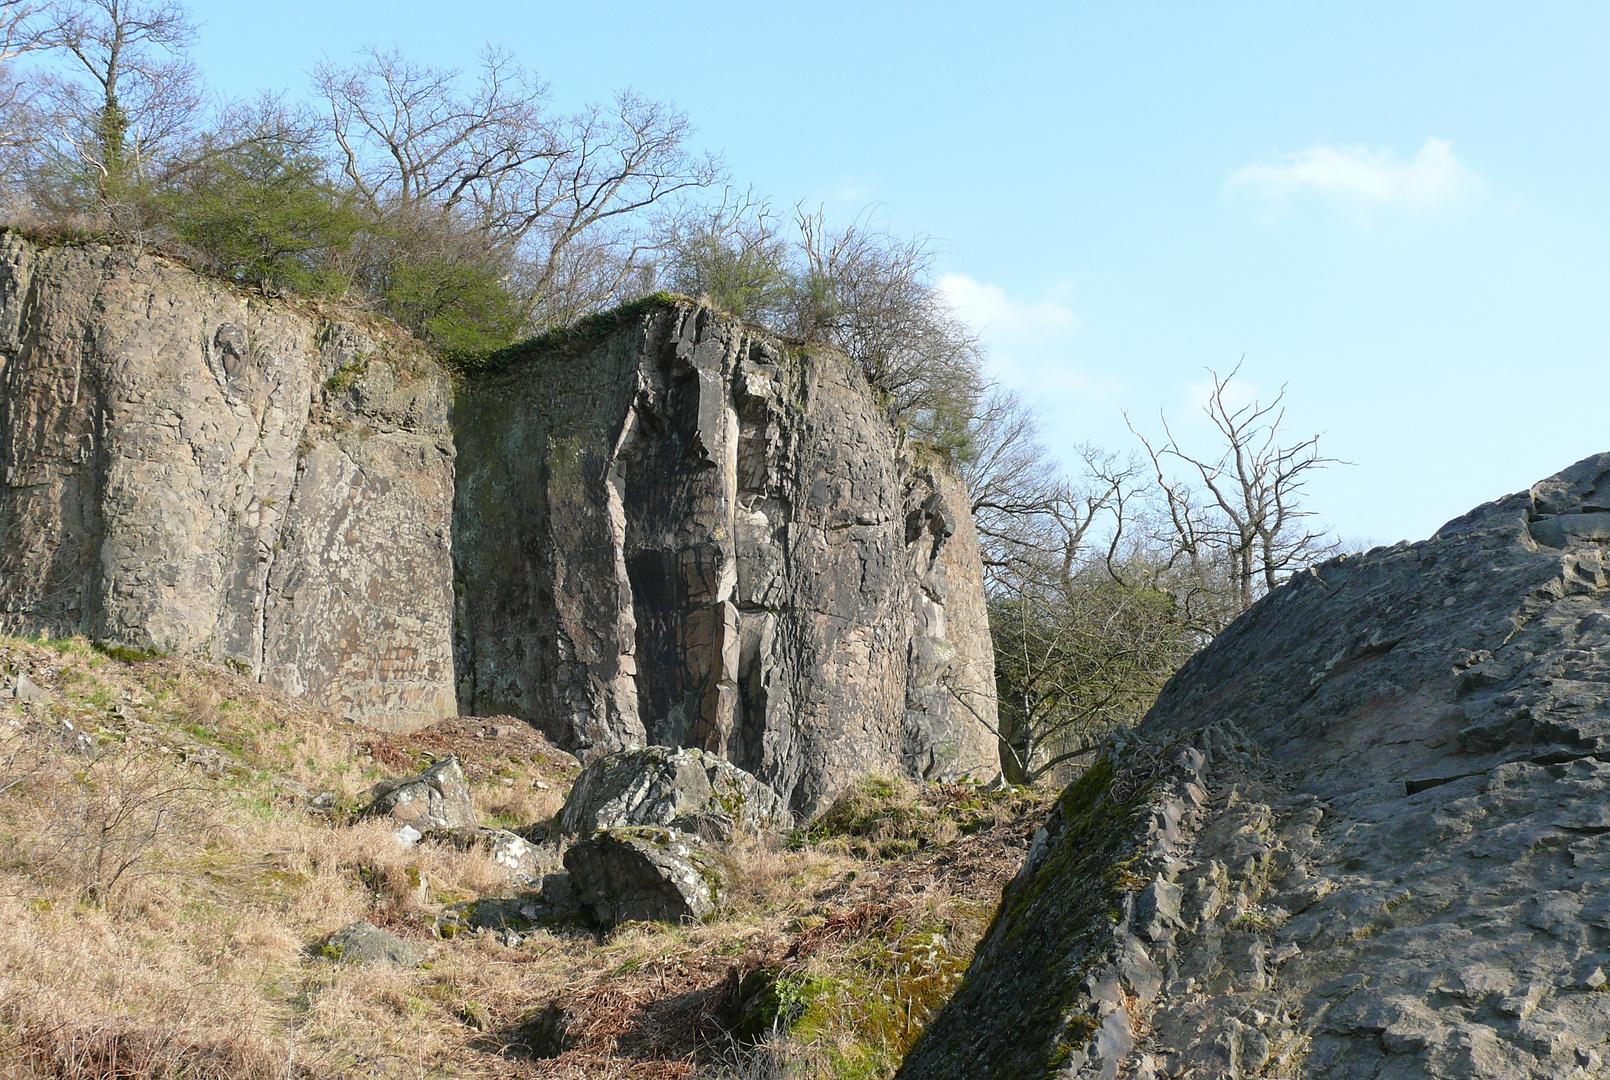 Stenzelberg im Siebengebirge